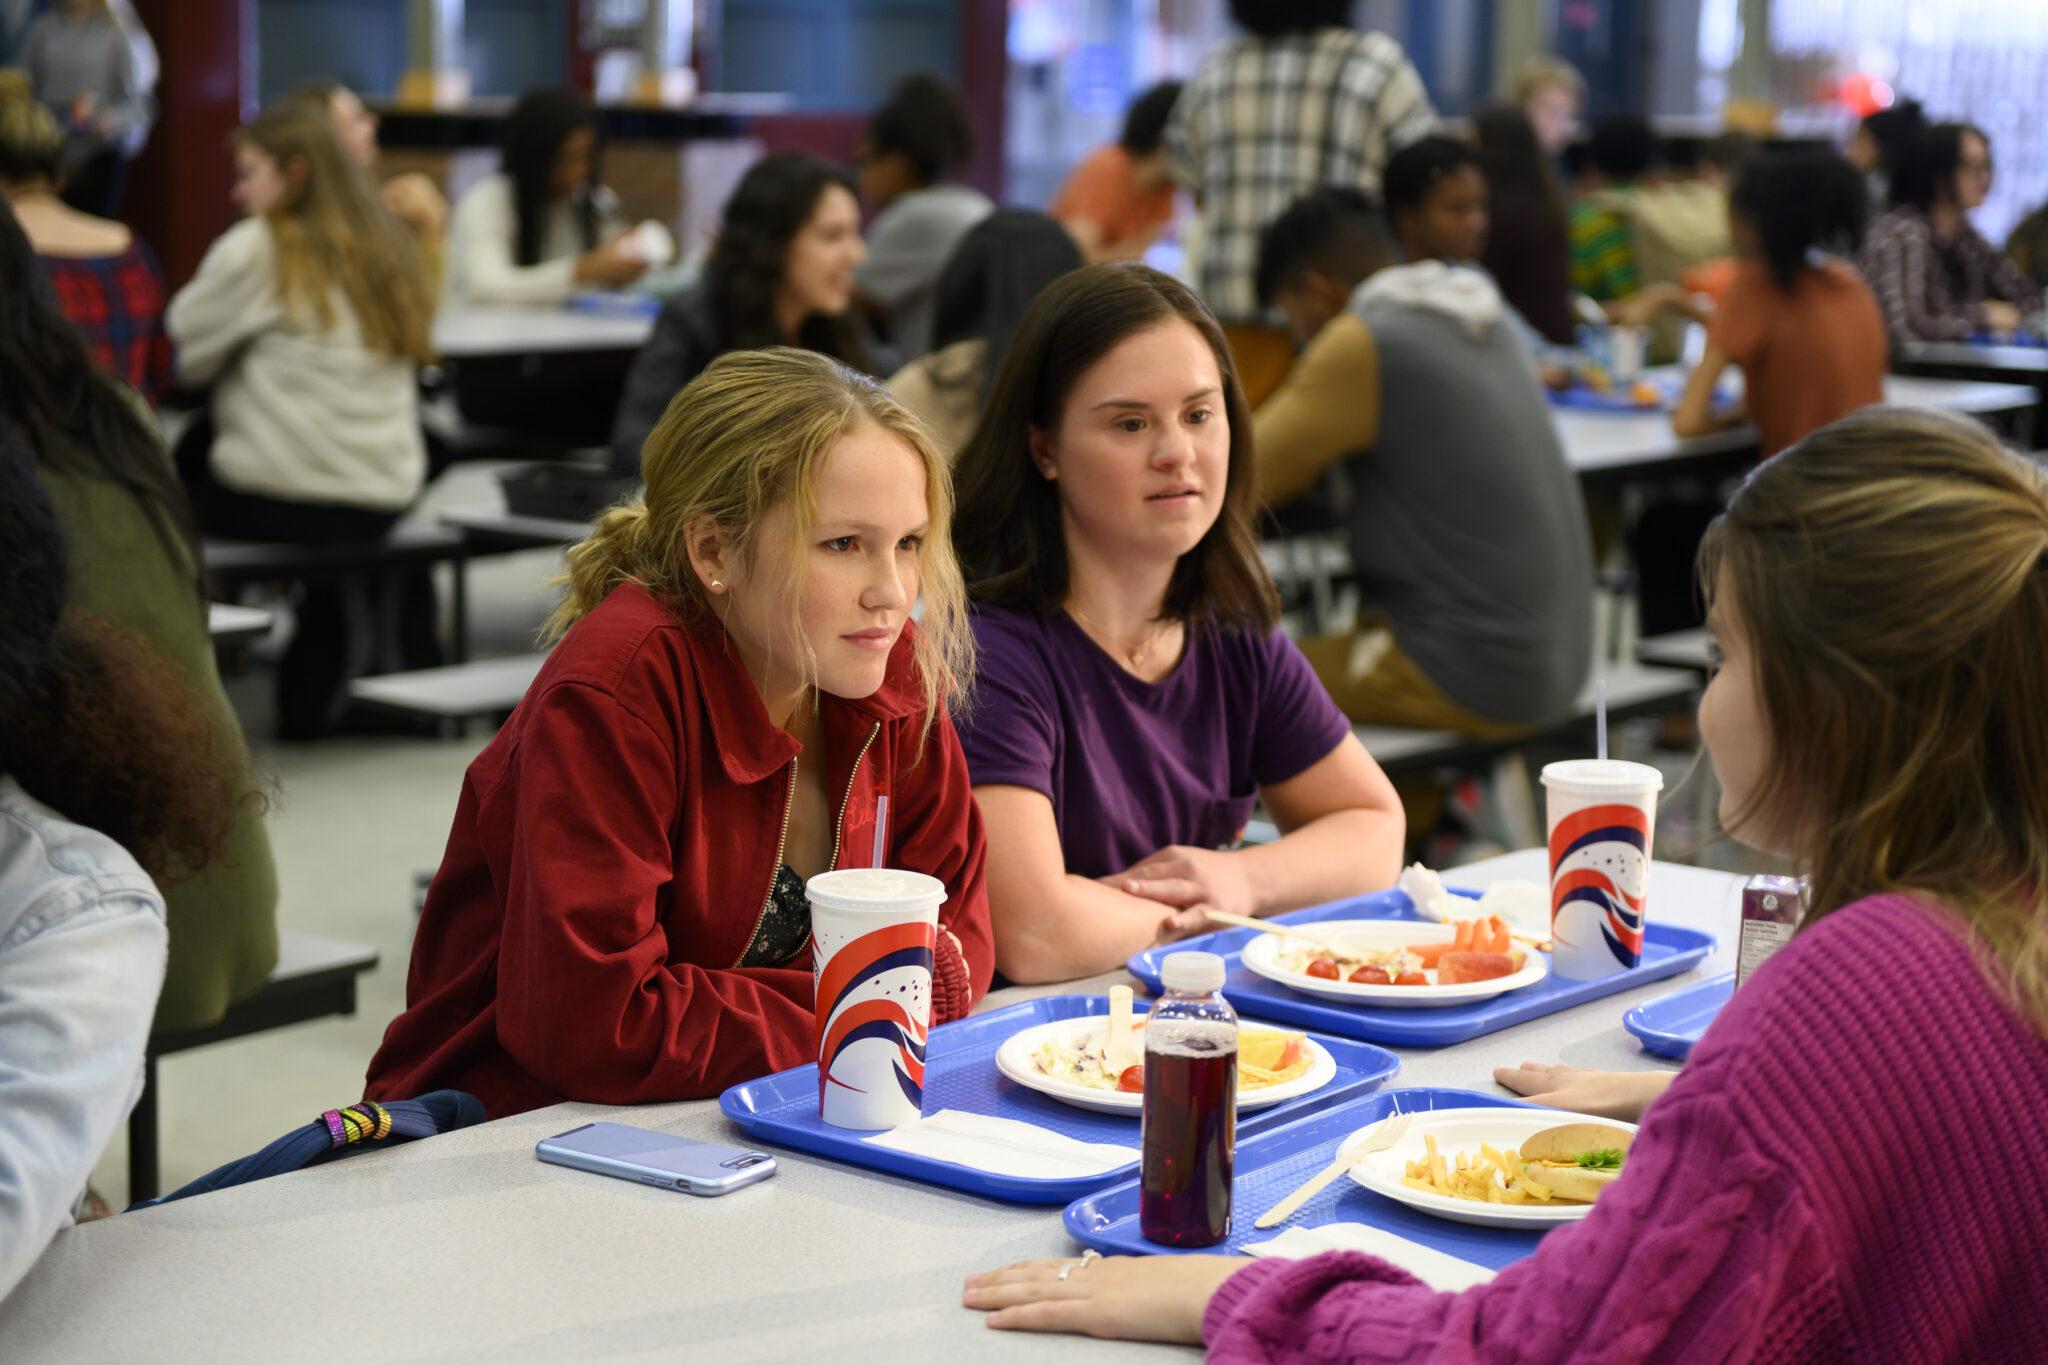 Alexis sitzt in der Schulkantine mit ihren Freundinnen, auf dem Tisch steht ihr Essen | Away